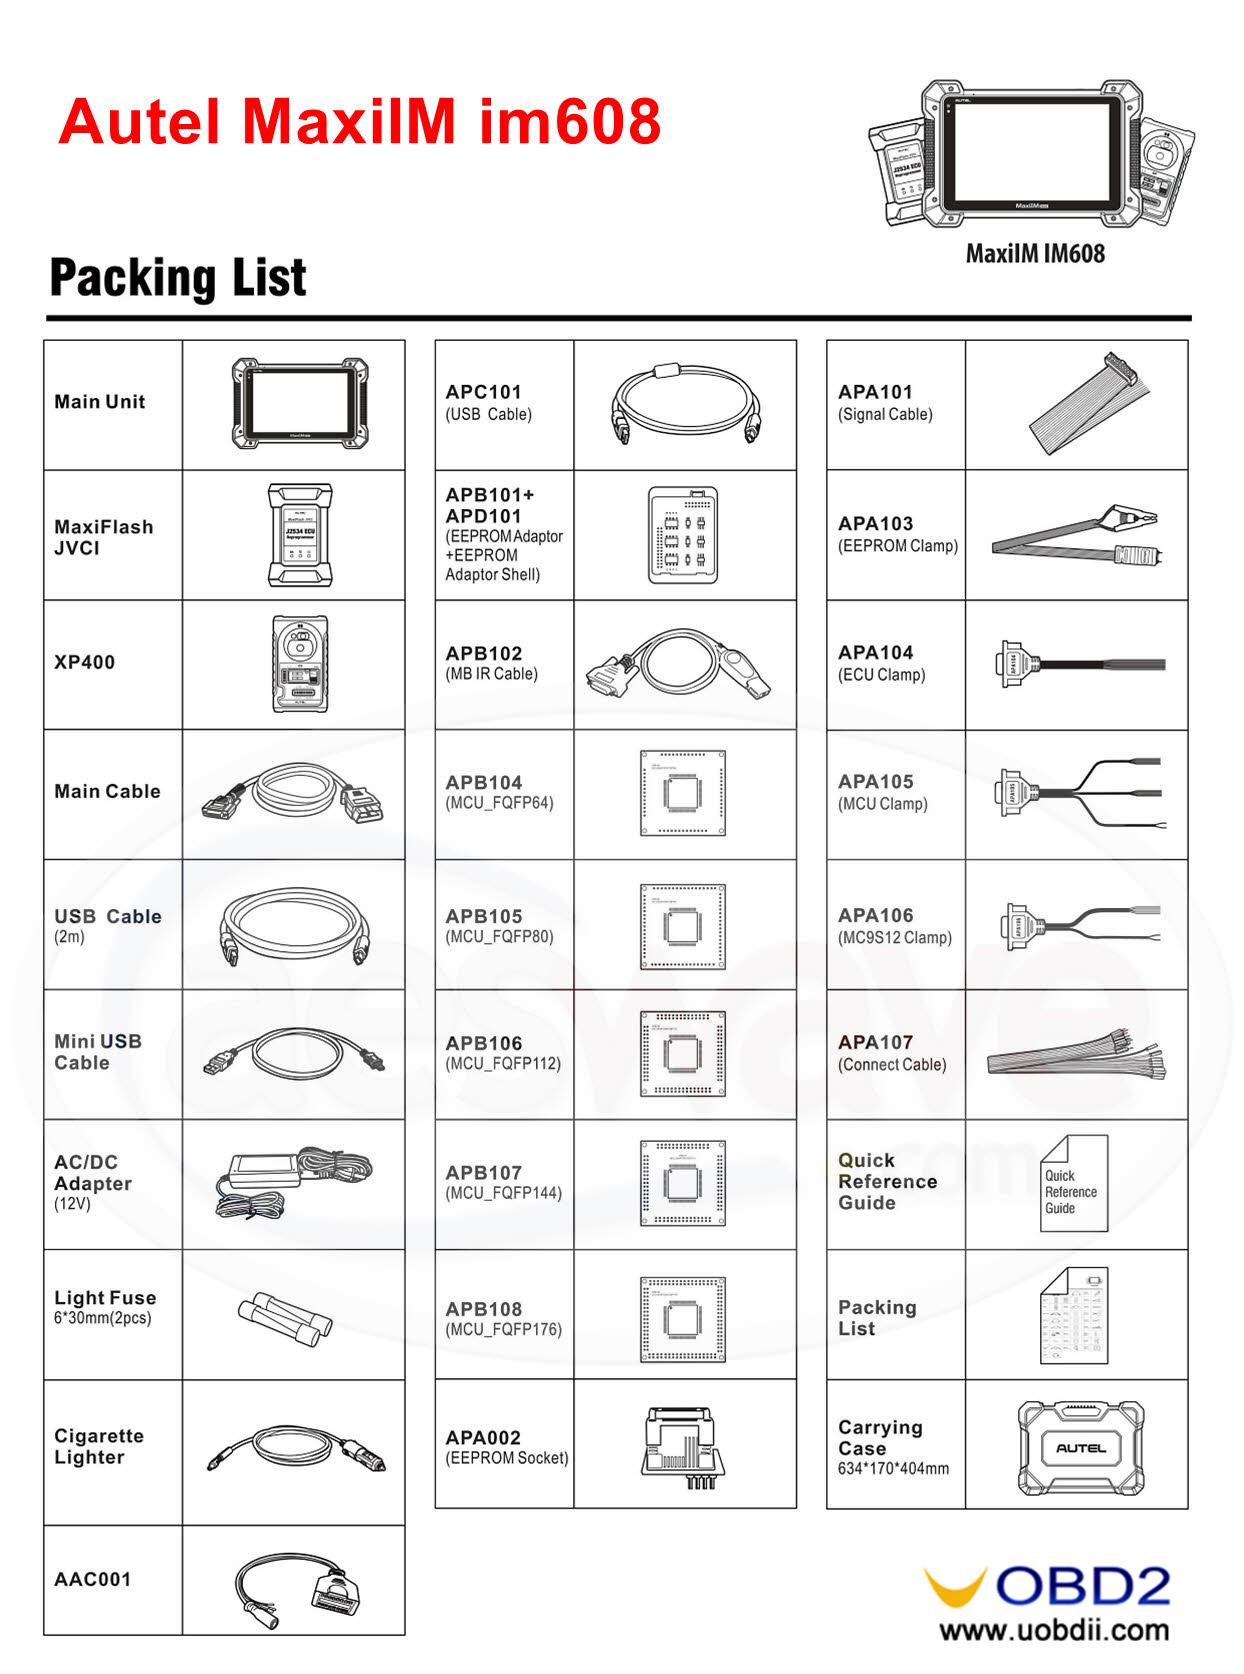 Autel MaxiIM IM608 Package List